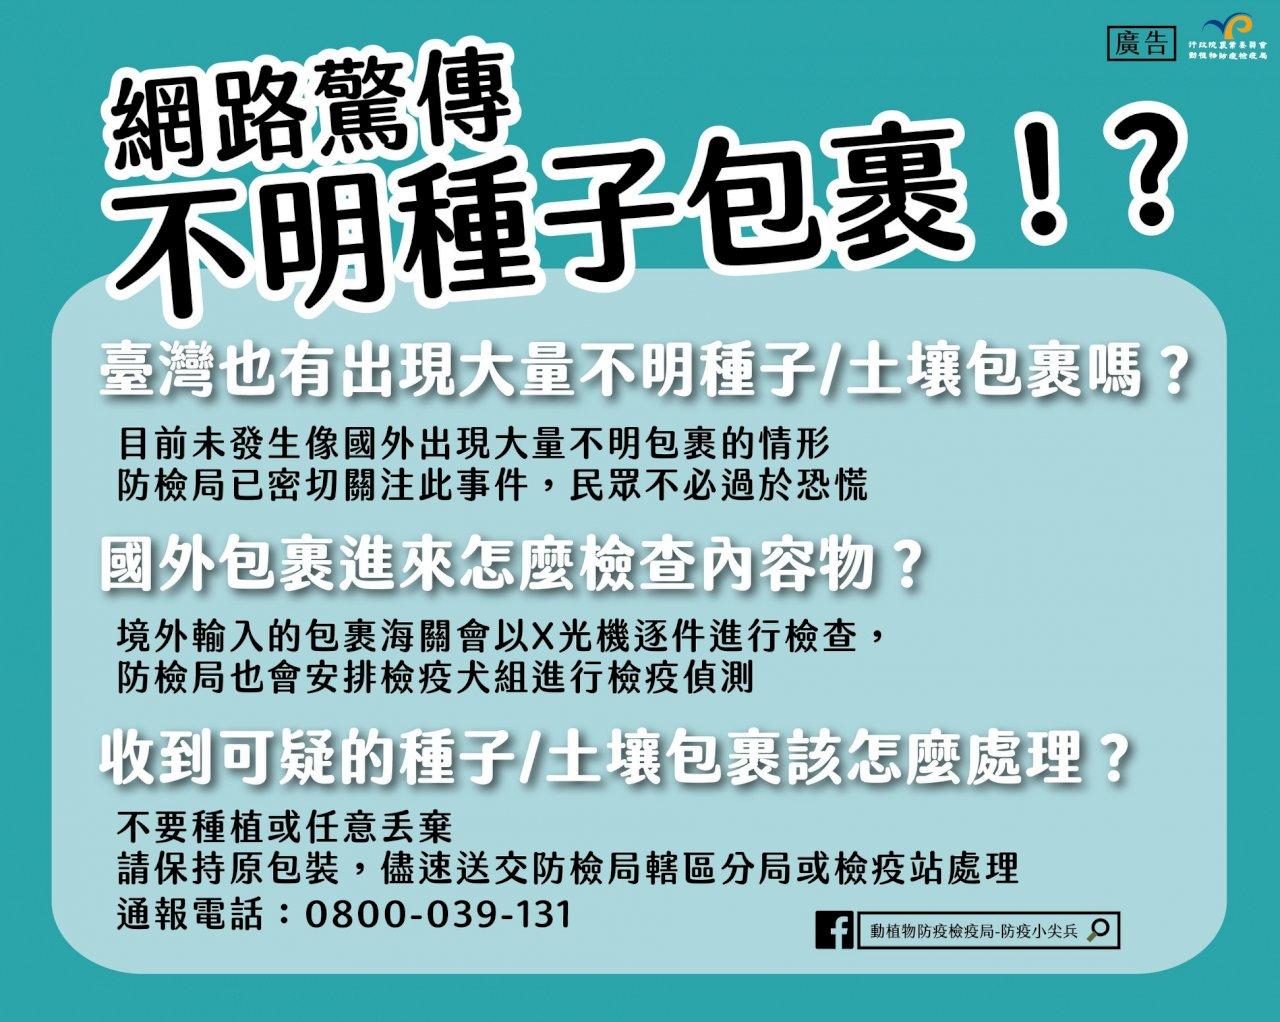 收到中國土壤包裹 民眾擔心生物危害主動送驗